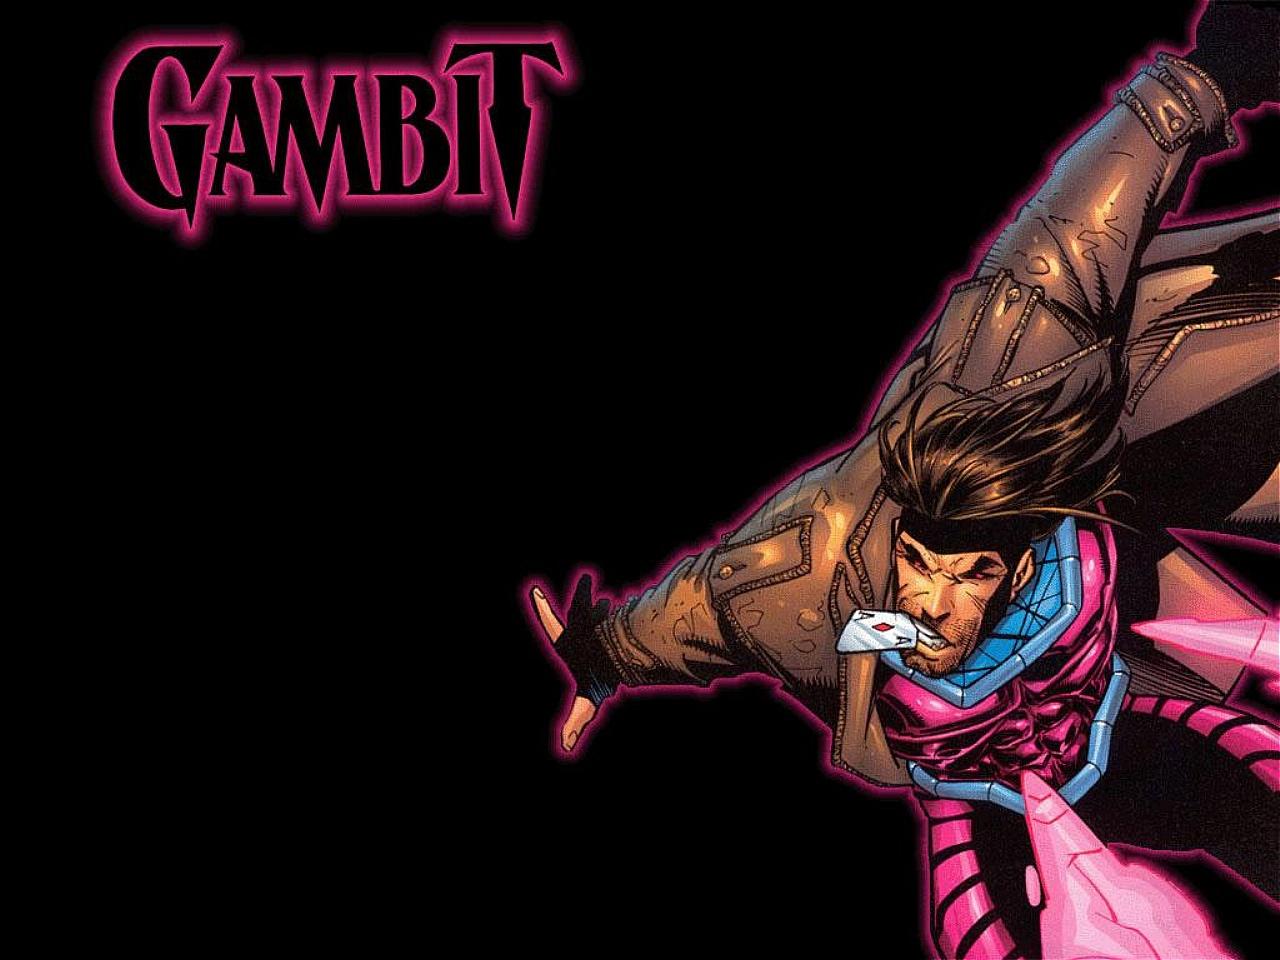 men wallpaper background imageXMen Wallpapers Gambit wallpapers 1280x960